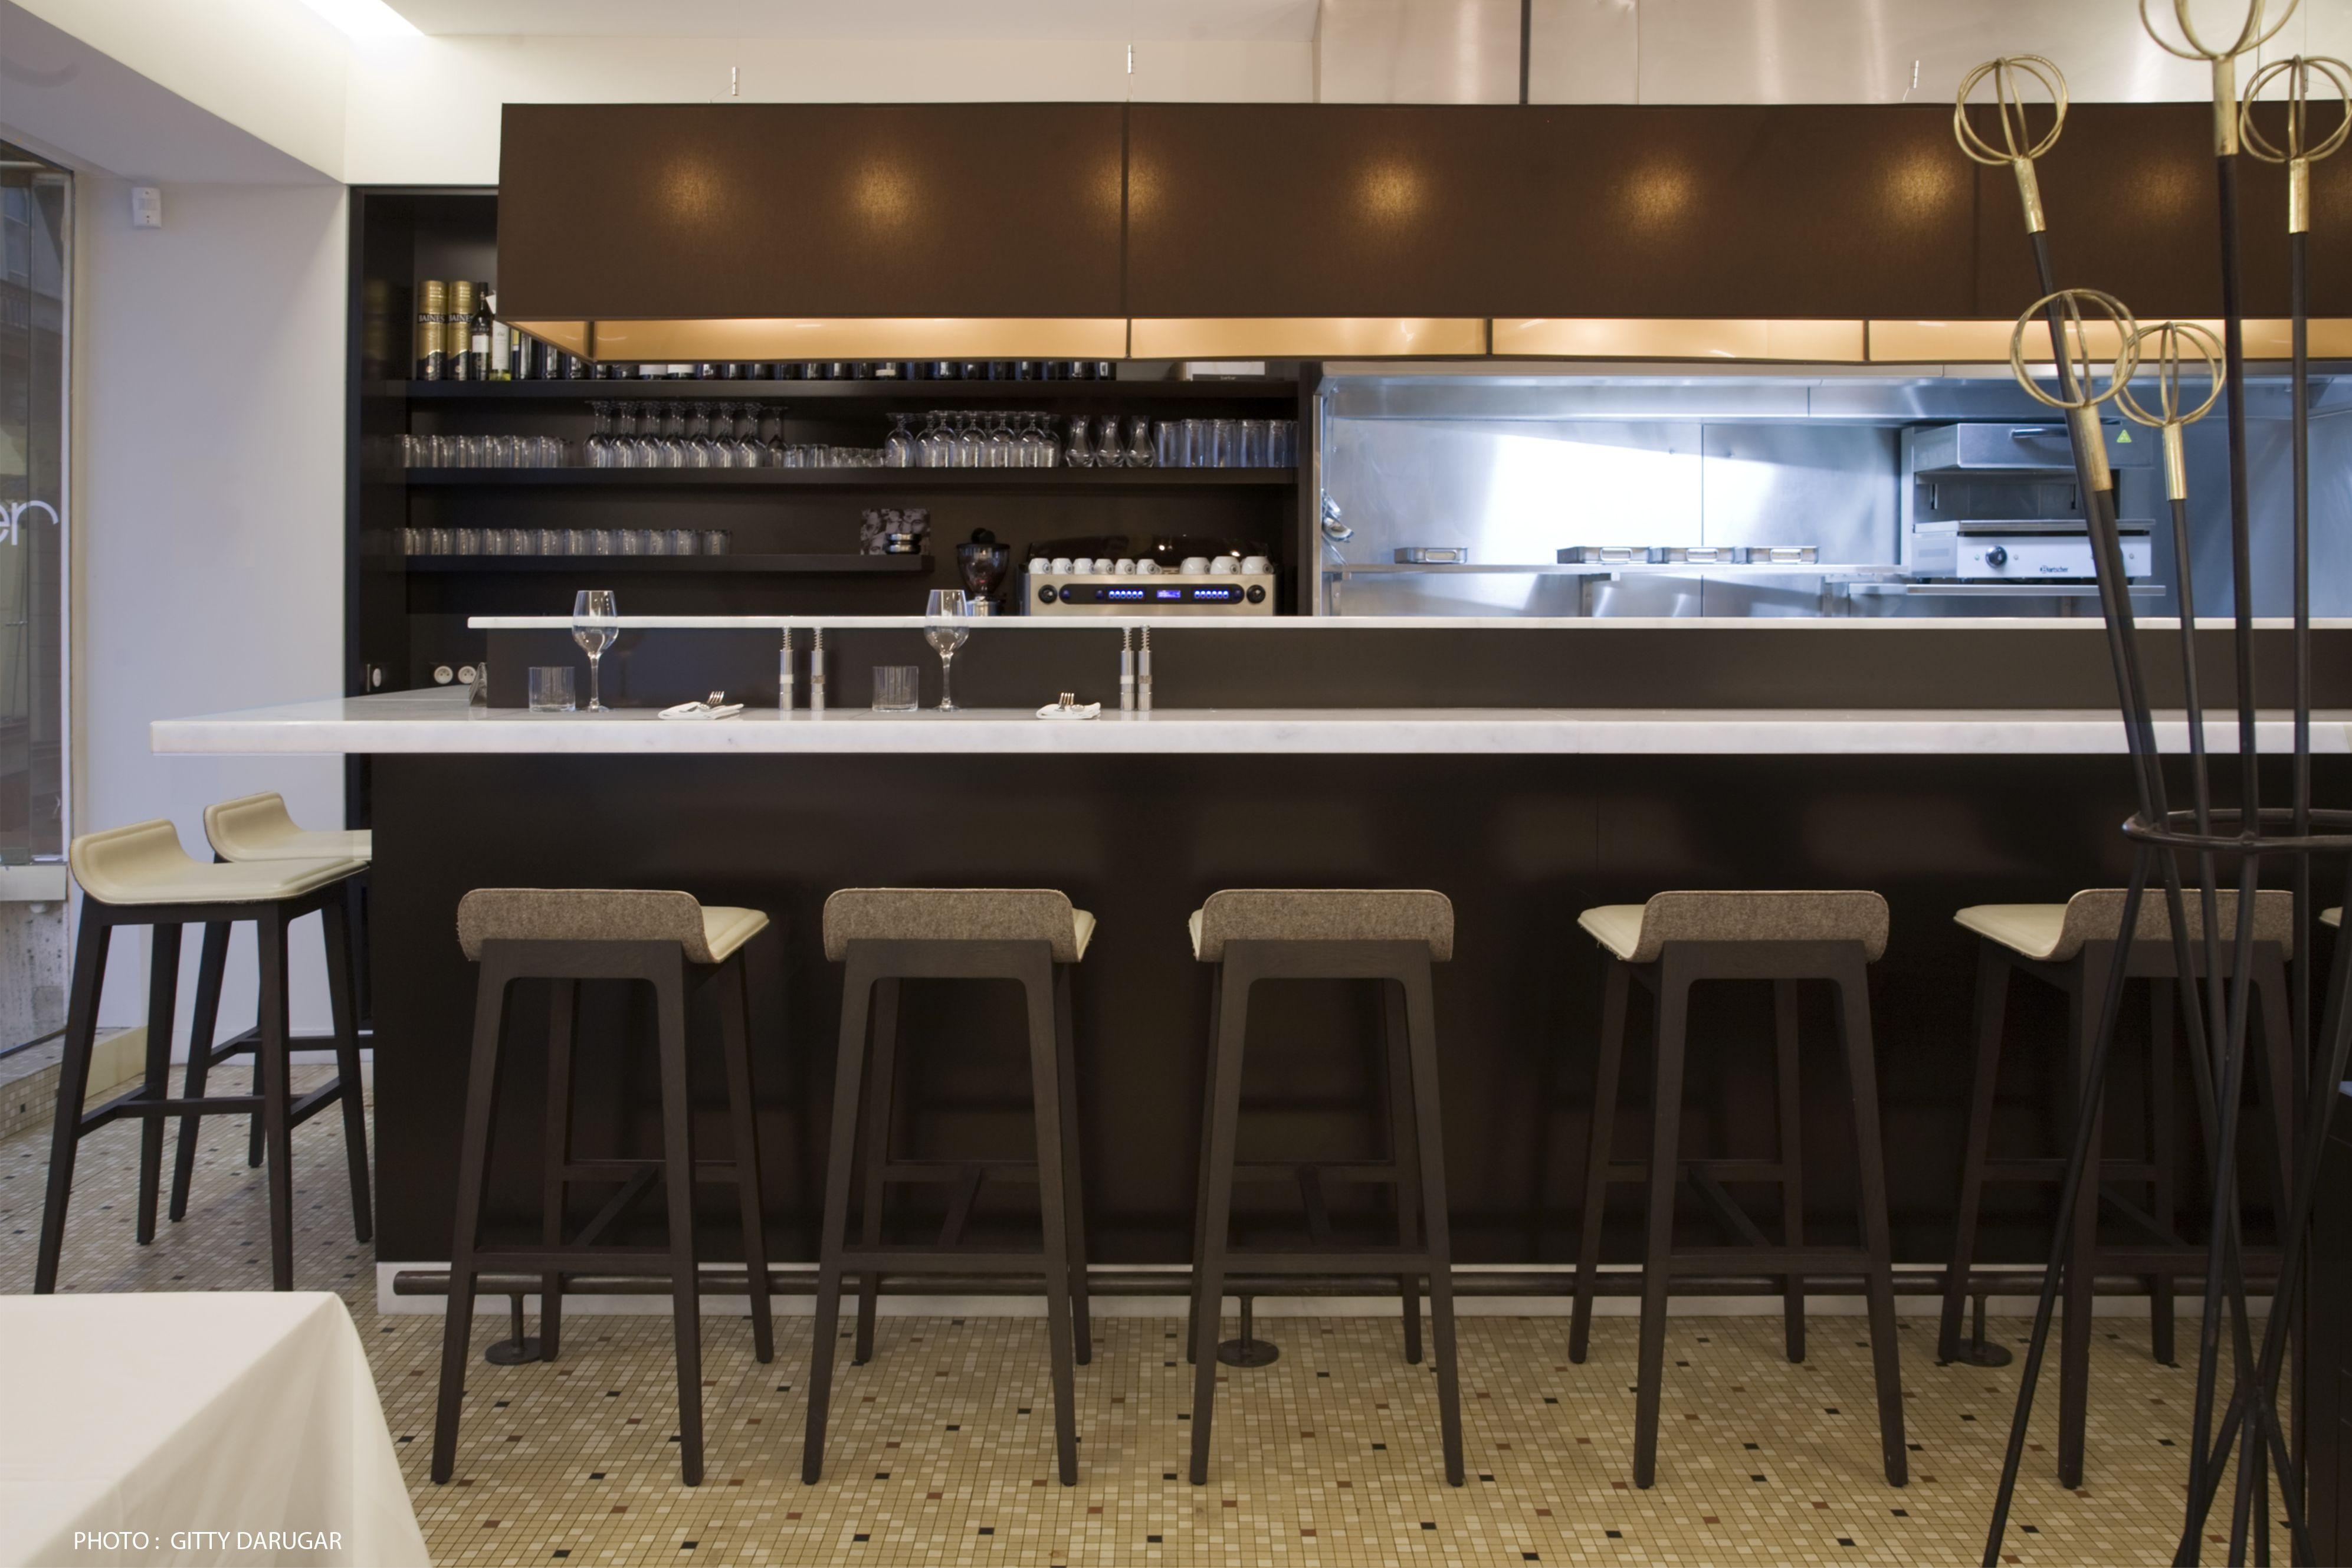 03 bar architecture interieur am nagement restaurant espagnol iperiber paris3 atela architectes - Bar interieur maison ...